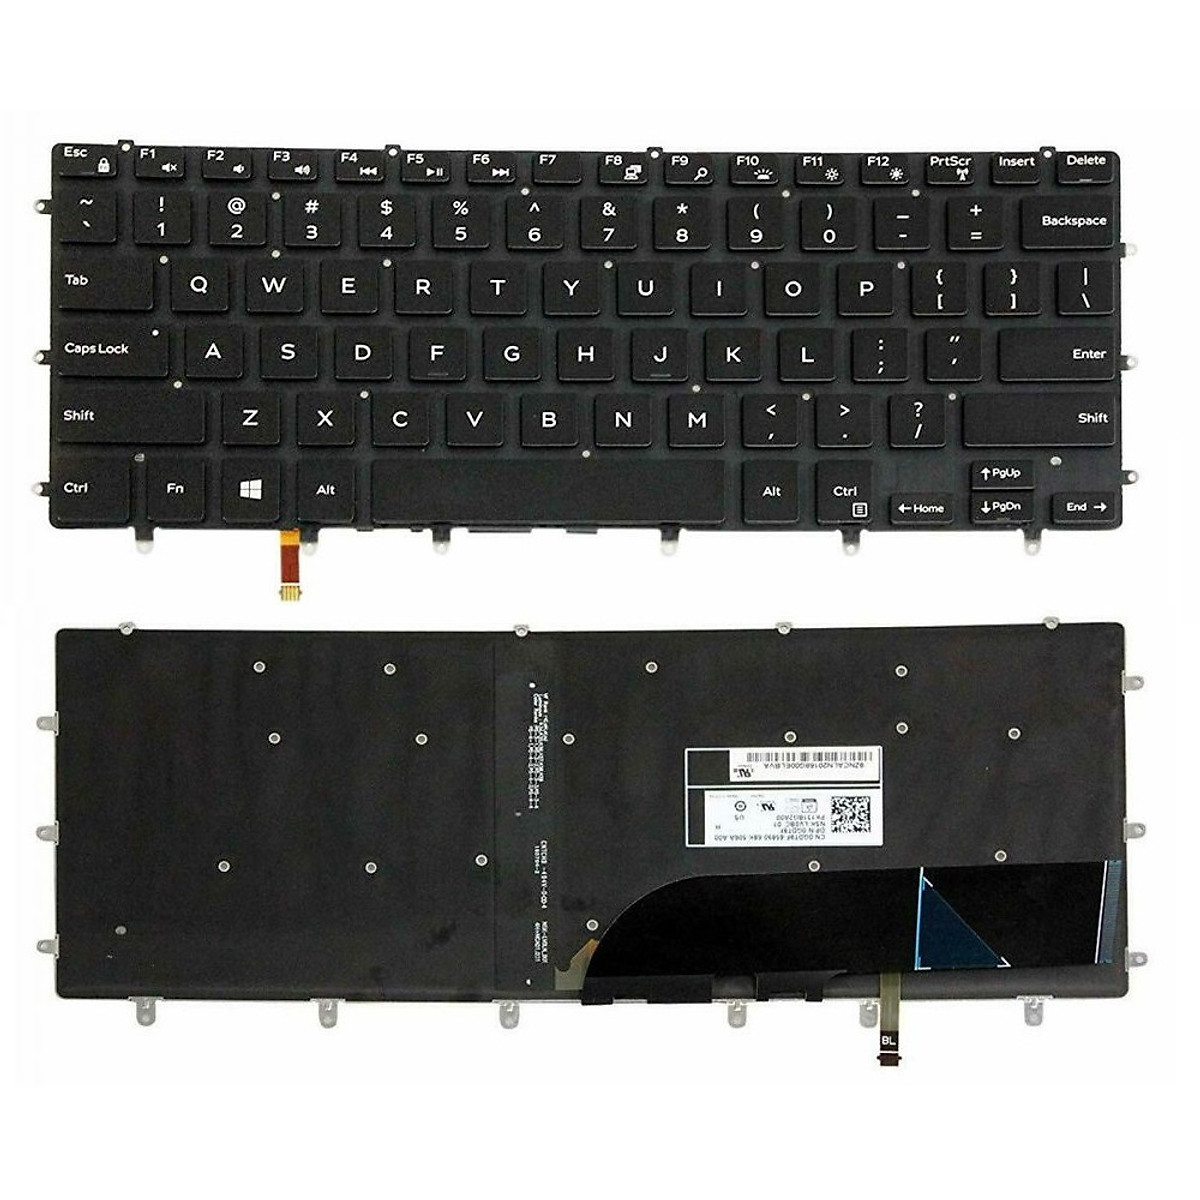 Bàn phím dành cho Laptop Dell Inspiron 7558 có đèn nền